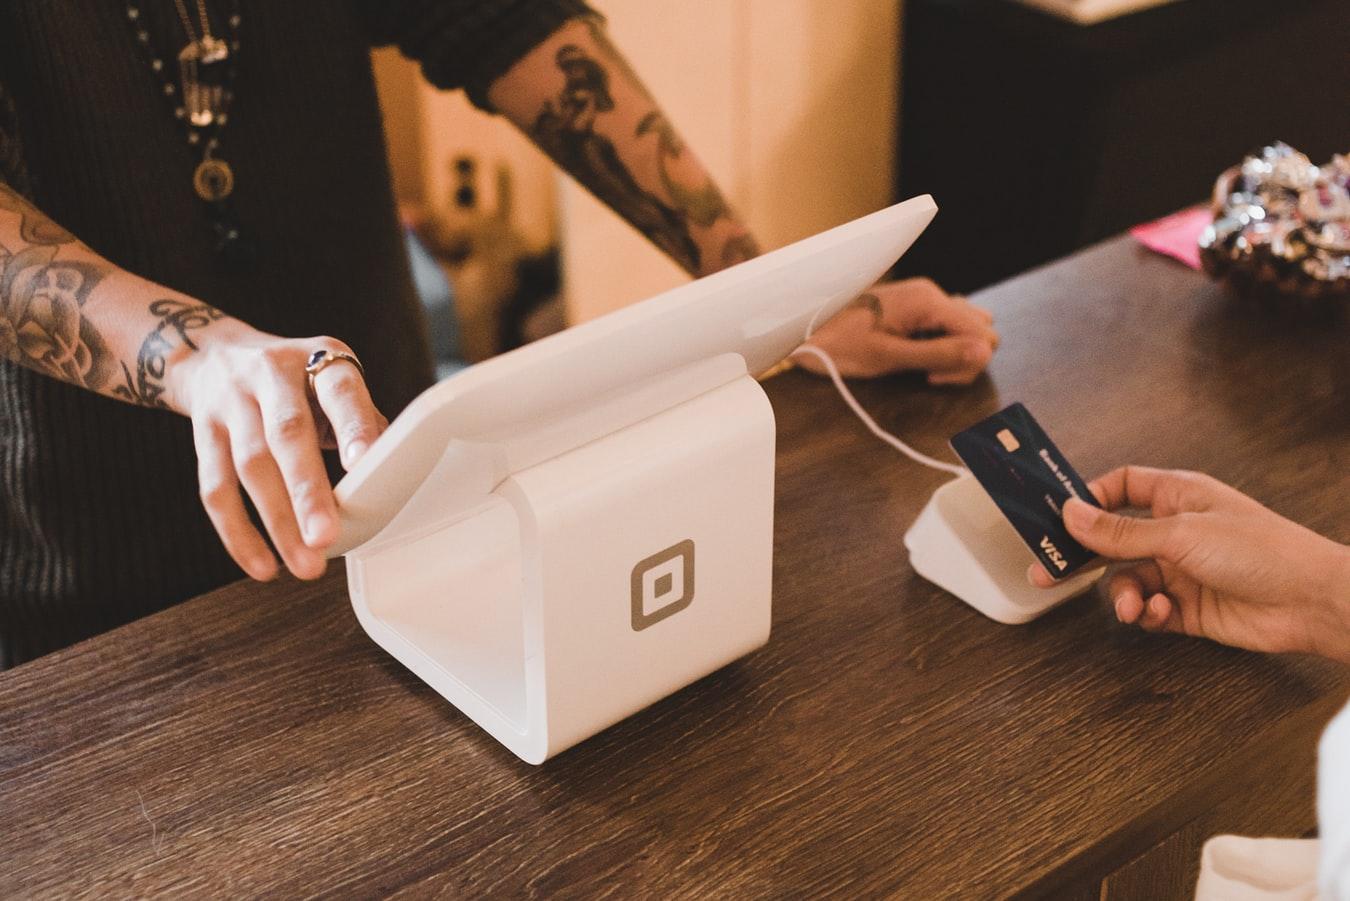 Visa łączy się ze Stripe, oferując płatności B2B